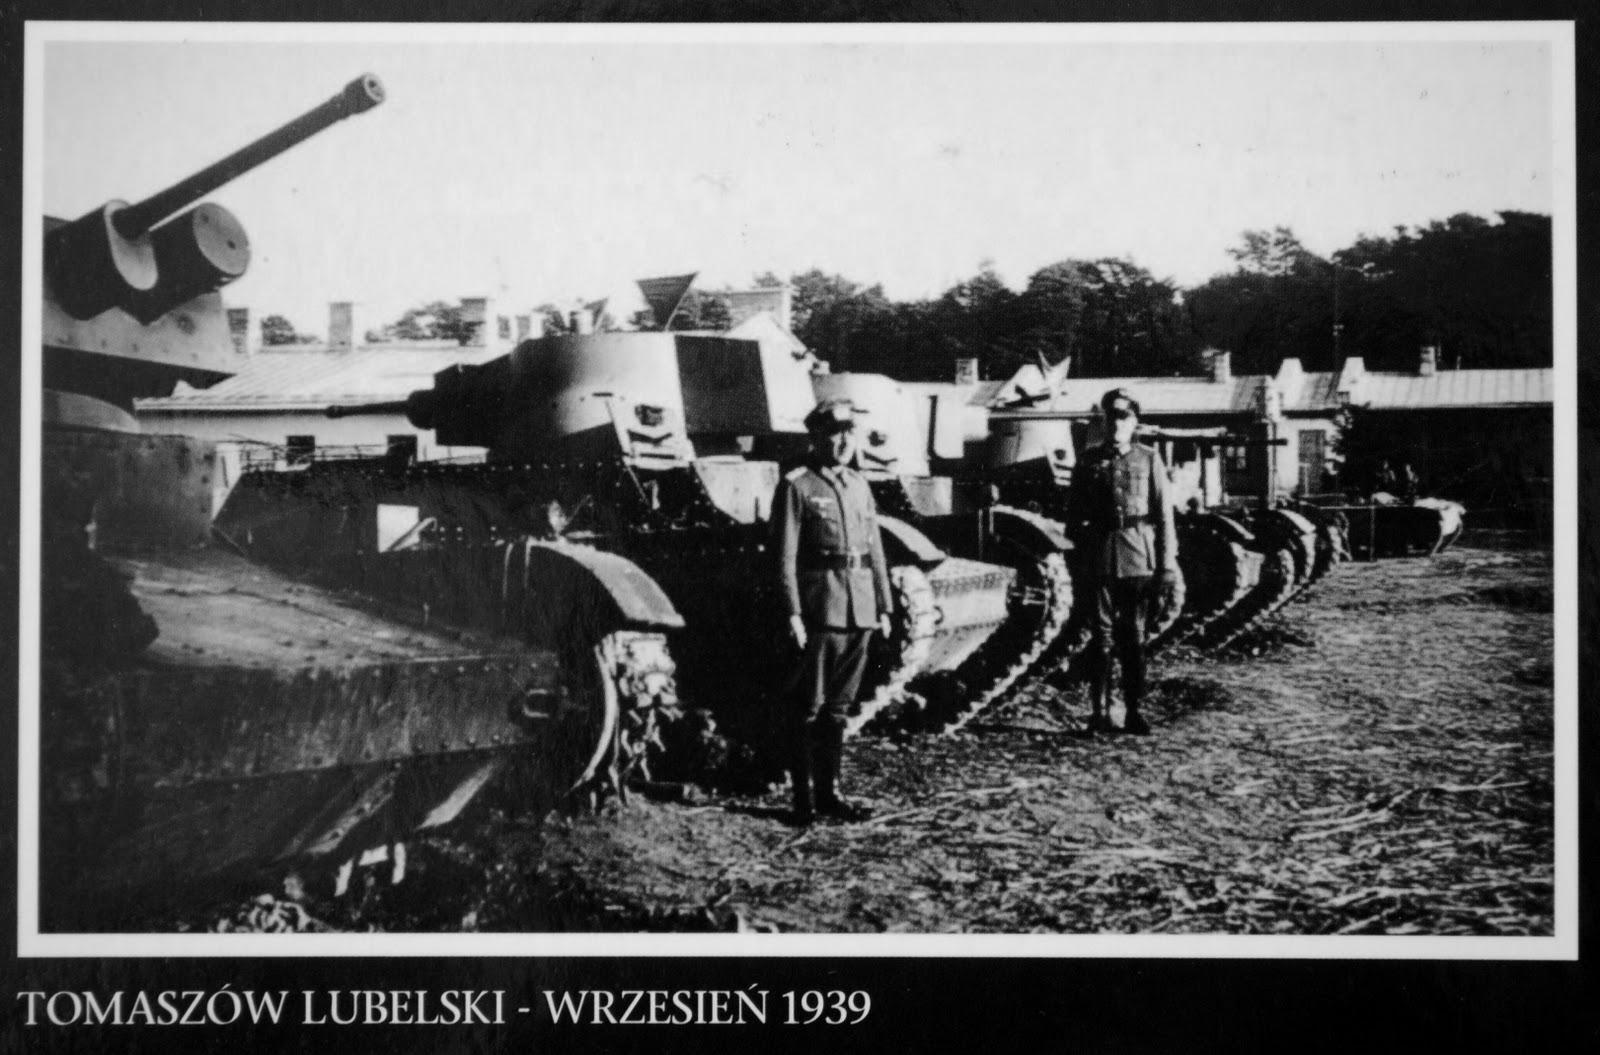 druga wojna światowa tomaszów lubelski